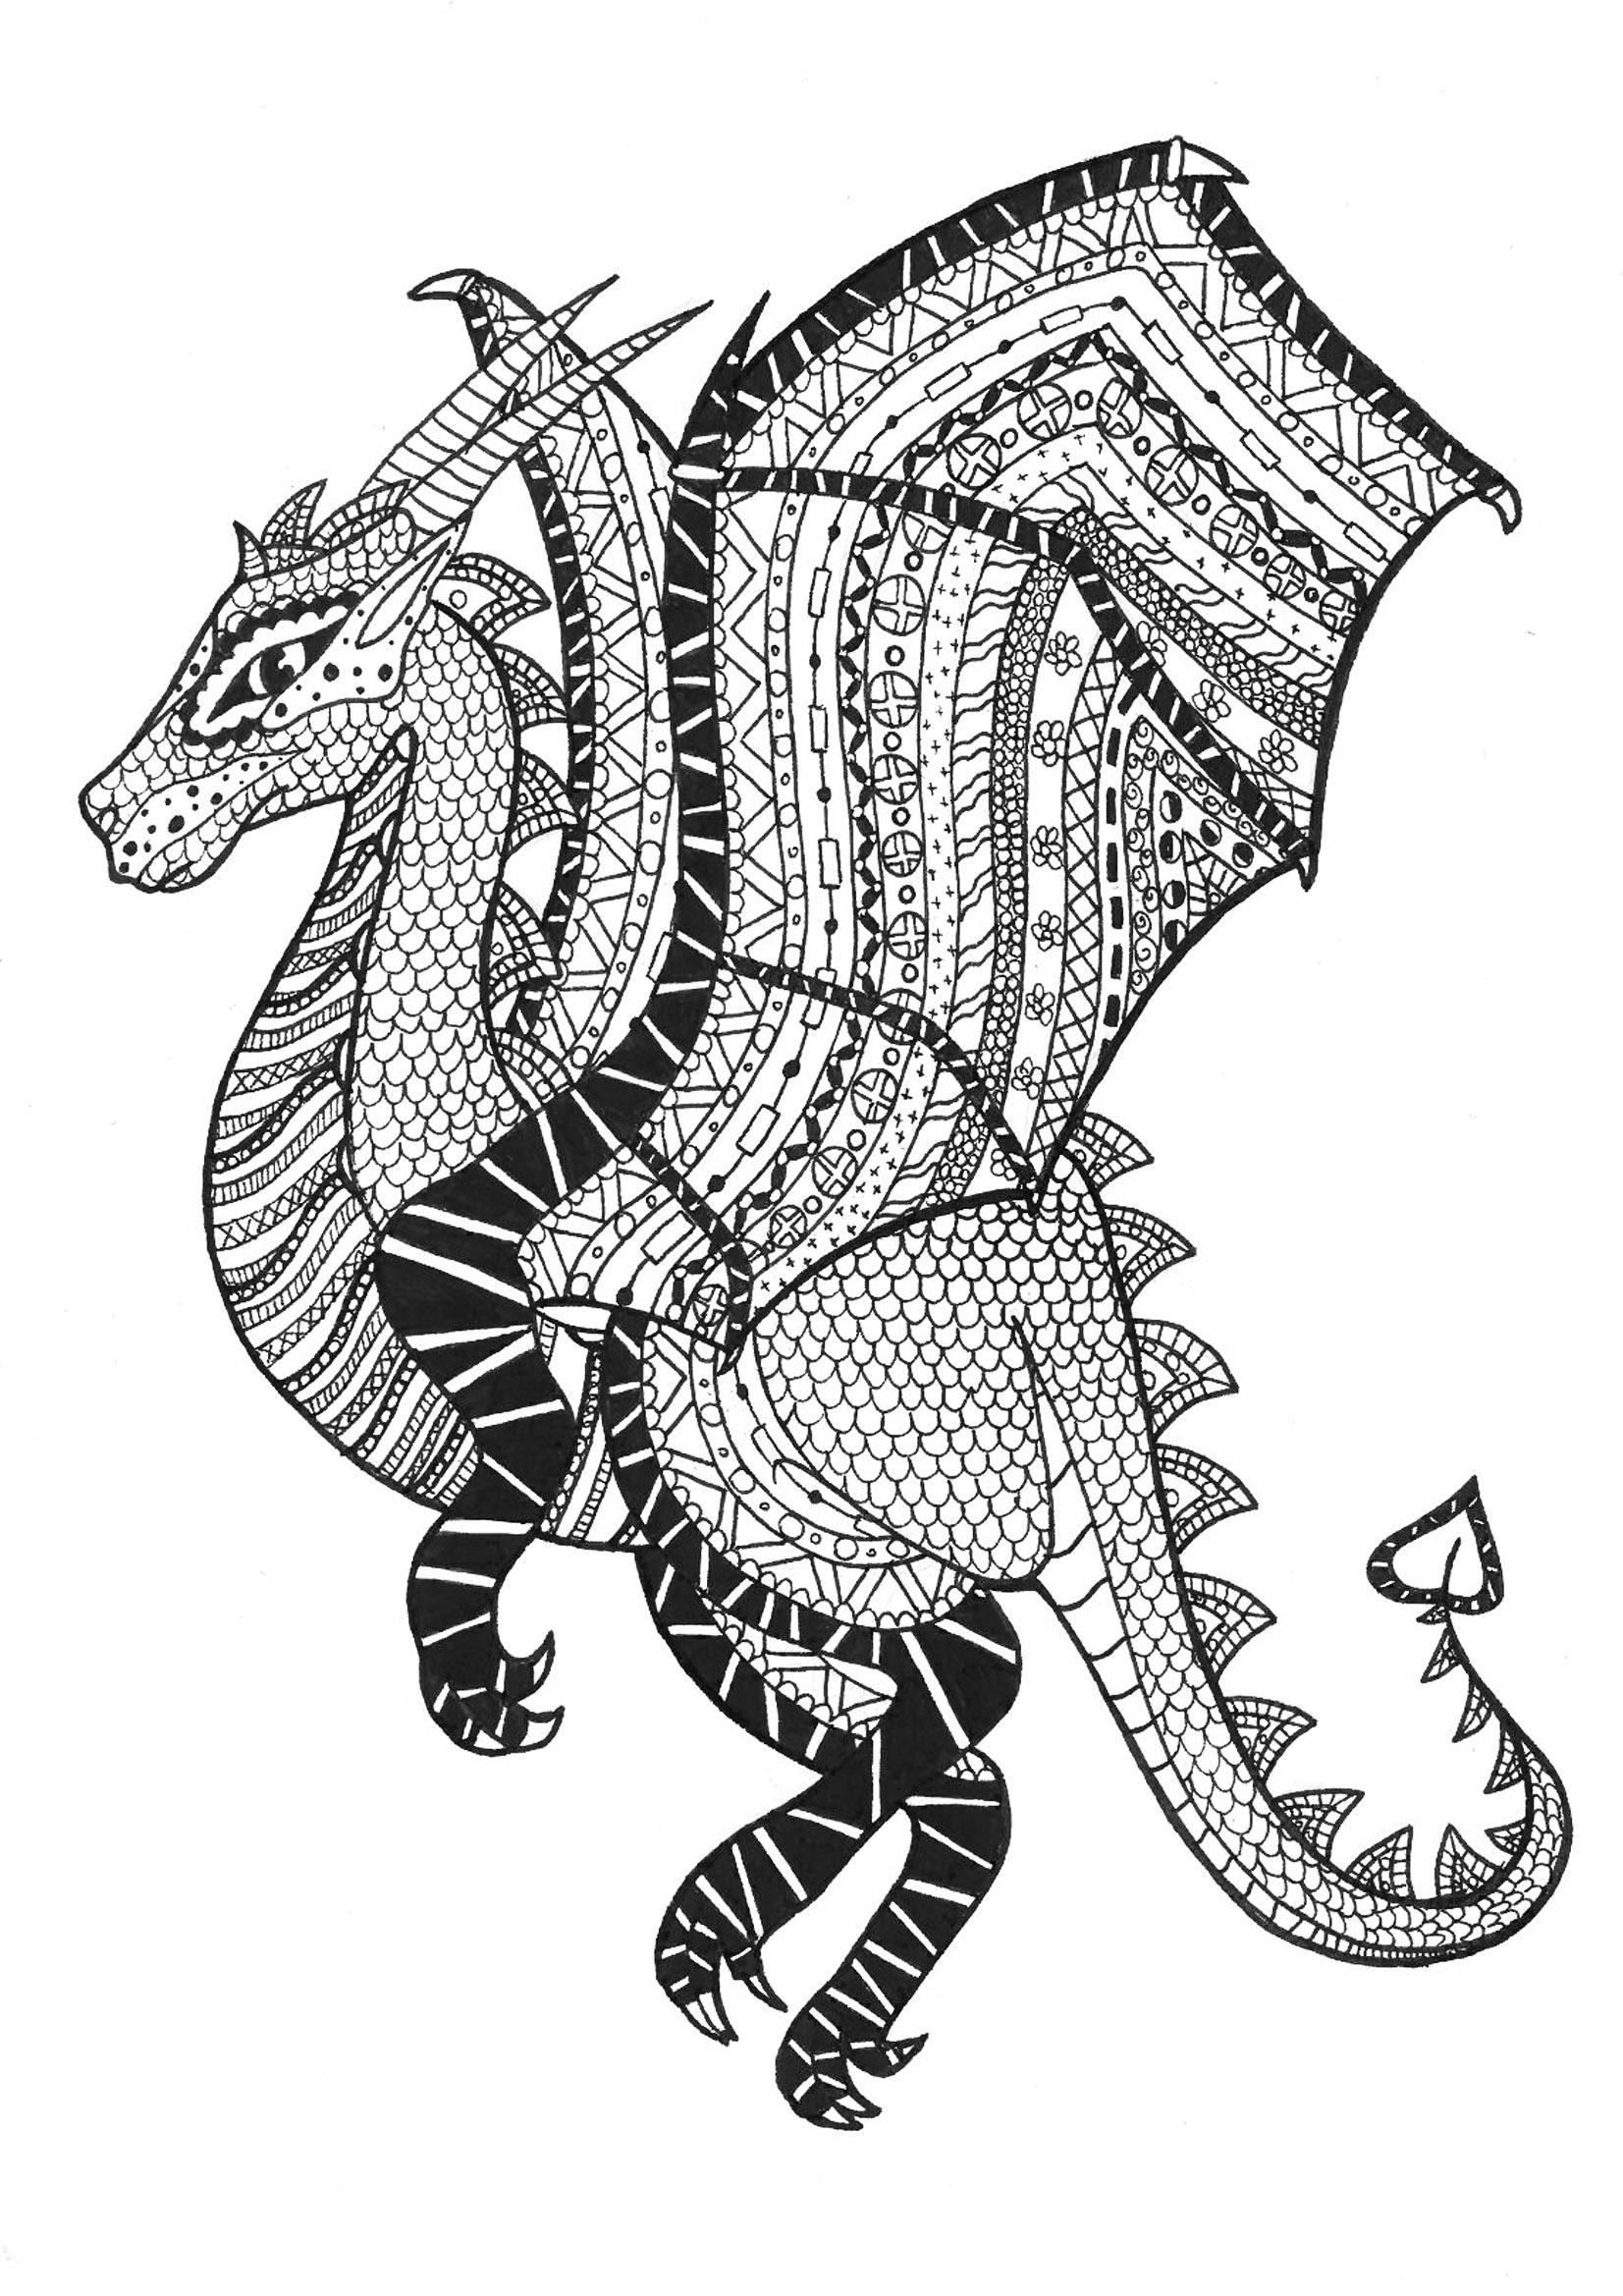 Disegni da colorare per adulti : Zentangle - 65